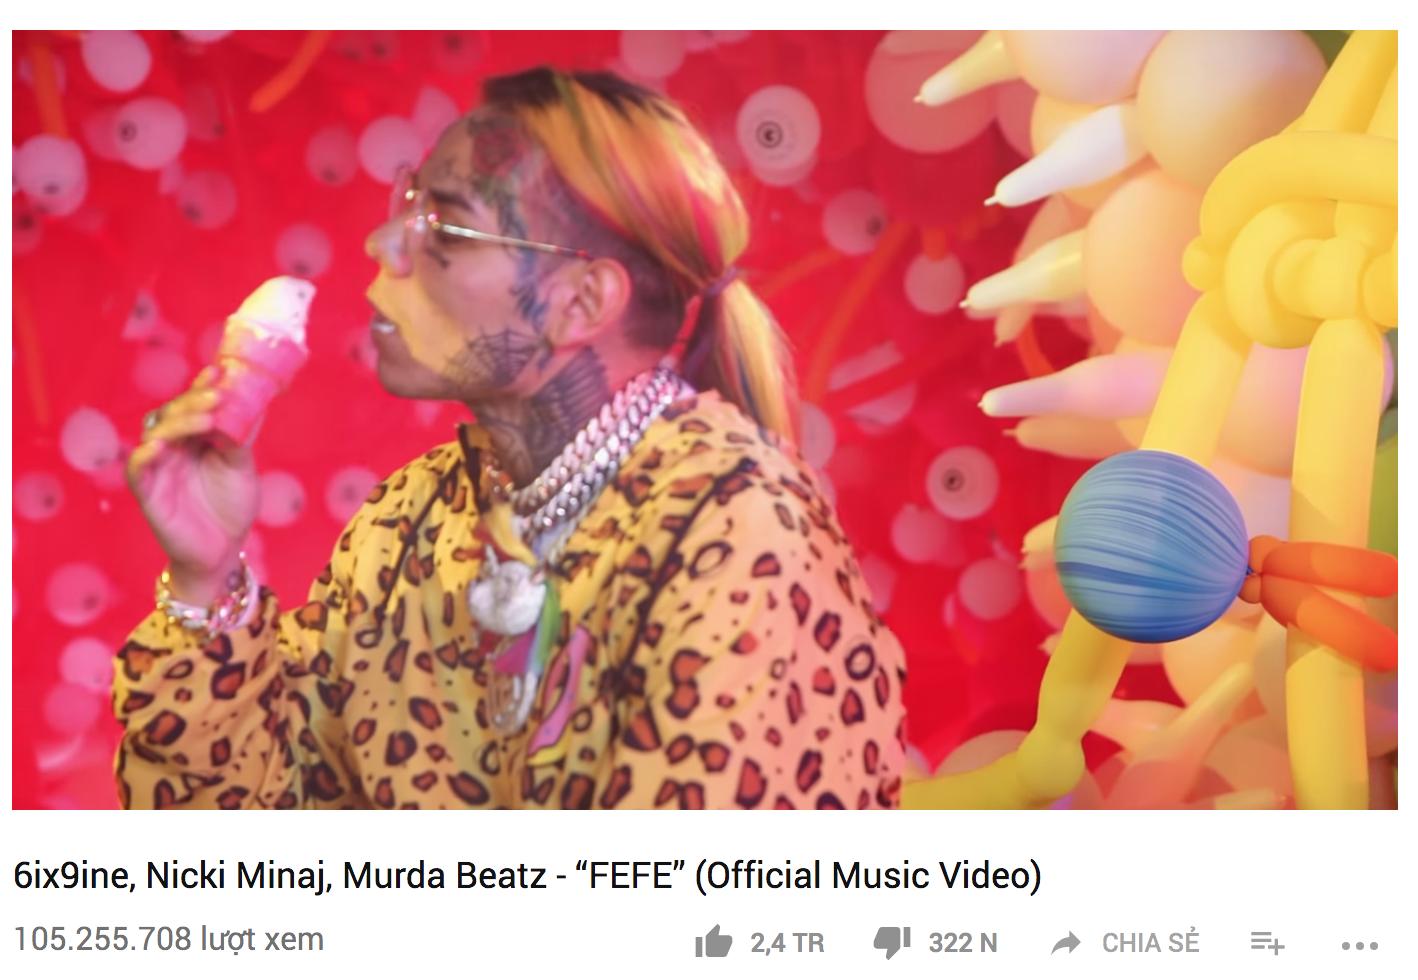 Nicki Minaj vừa có MV thứ 43 cán mốc trăm triệu view, san bằng kỷ lục với Rihanna - Ảnh 1.